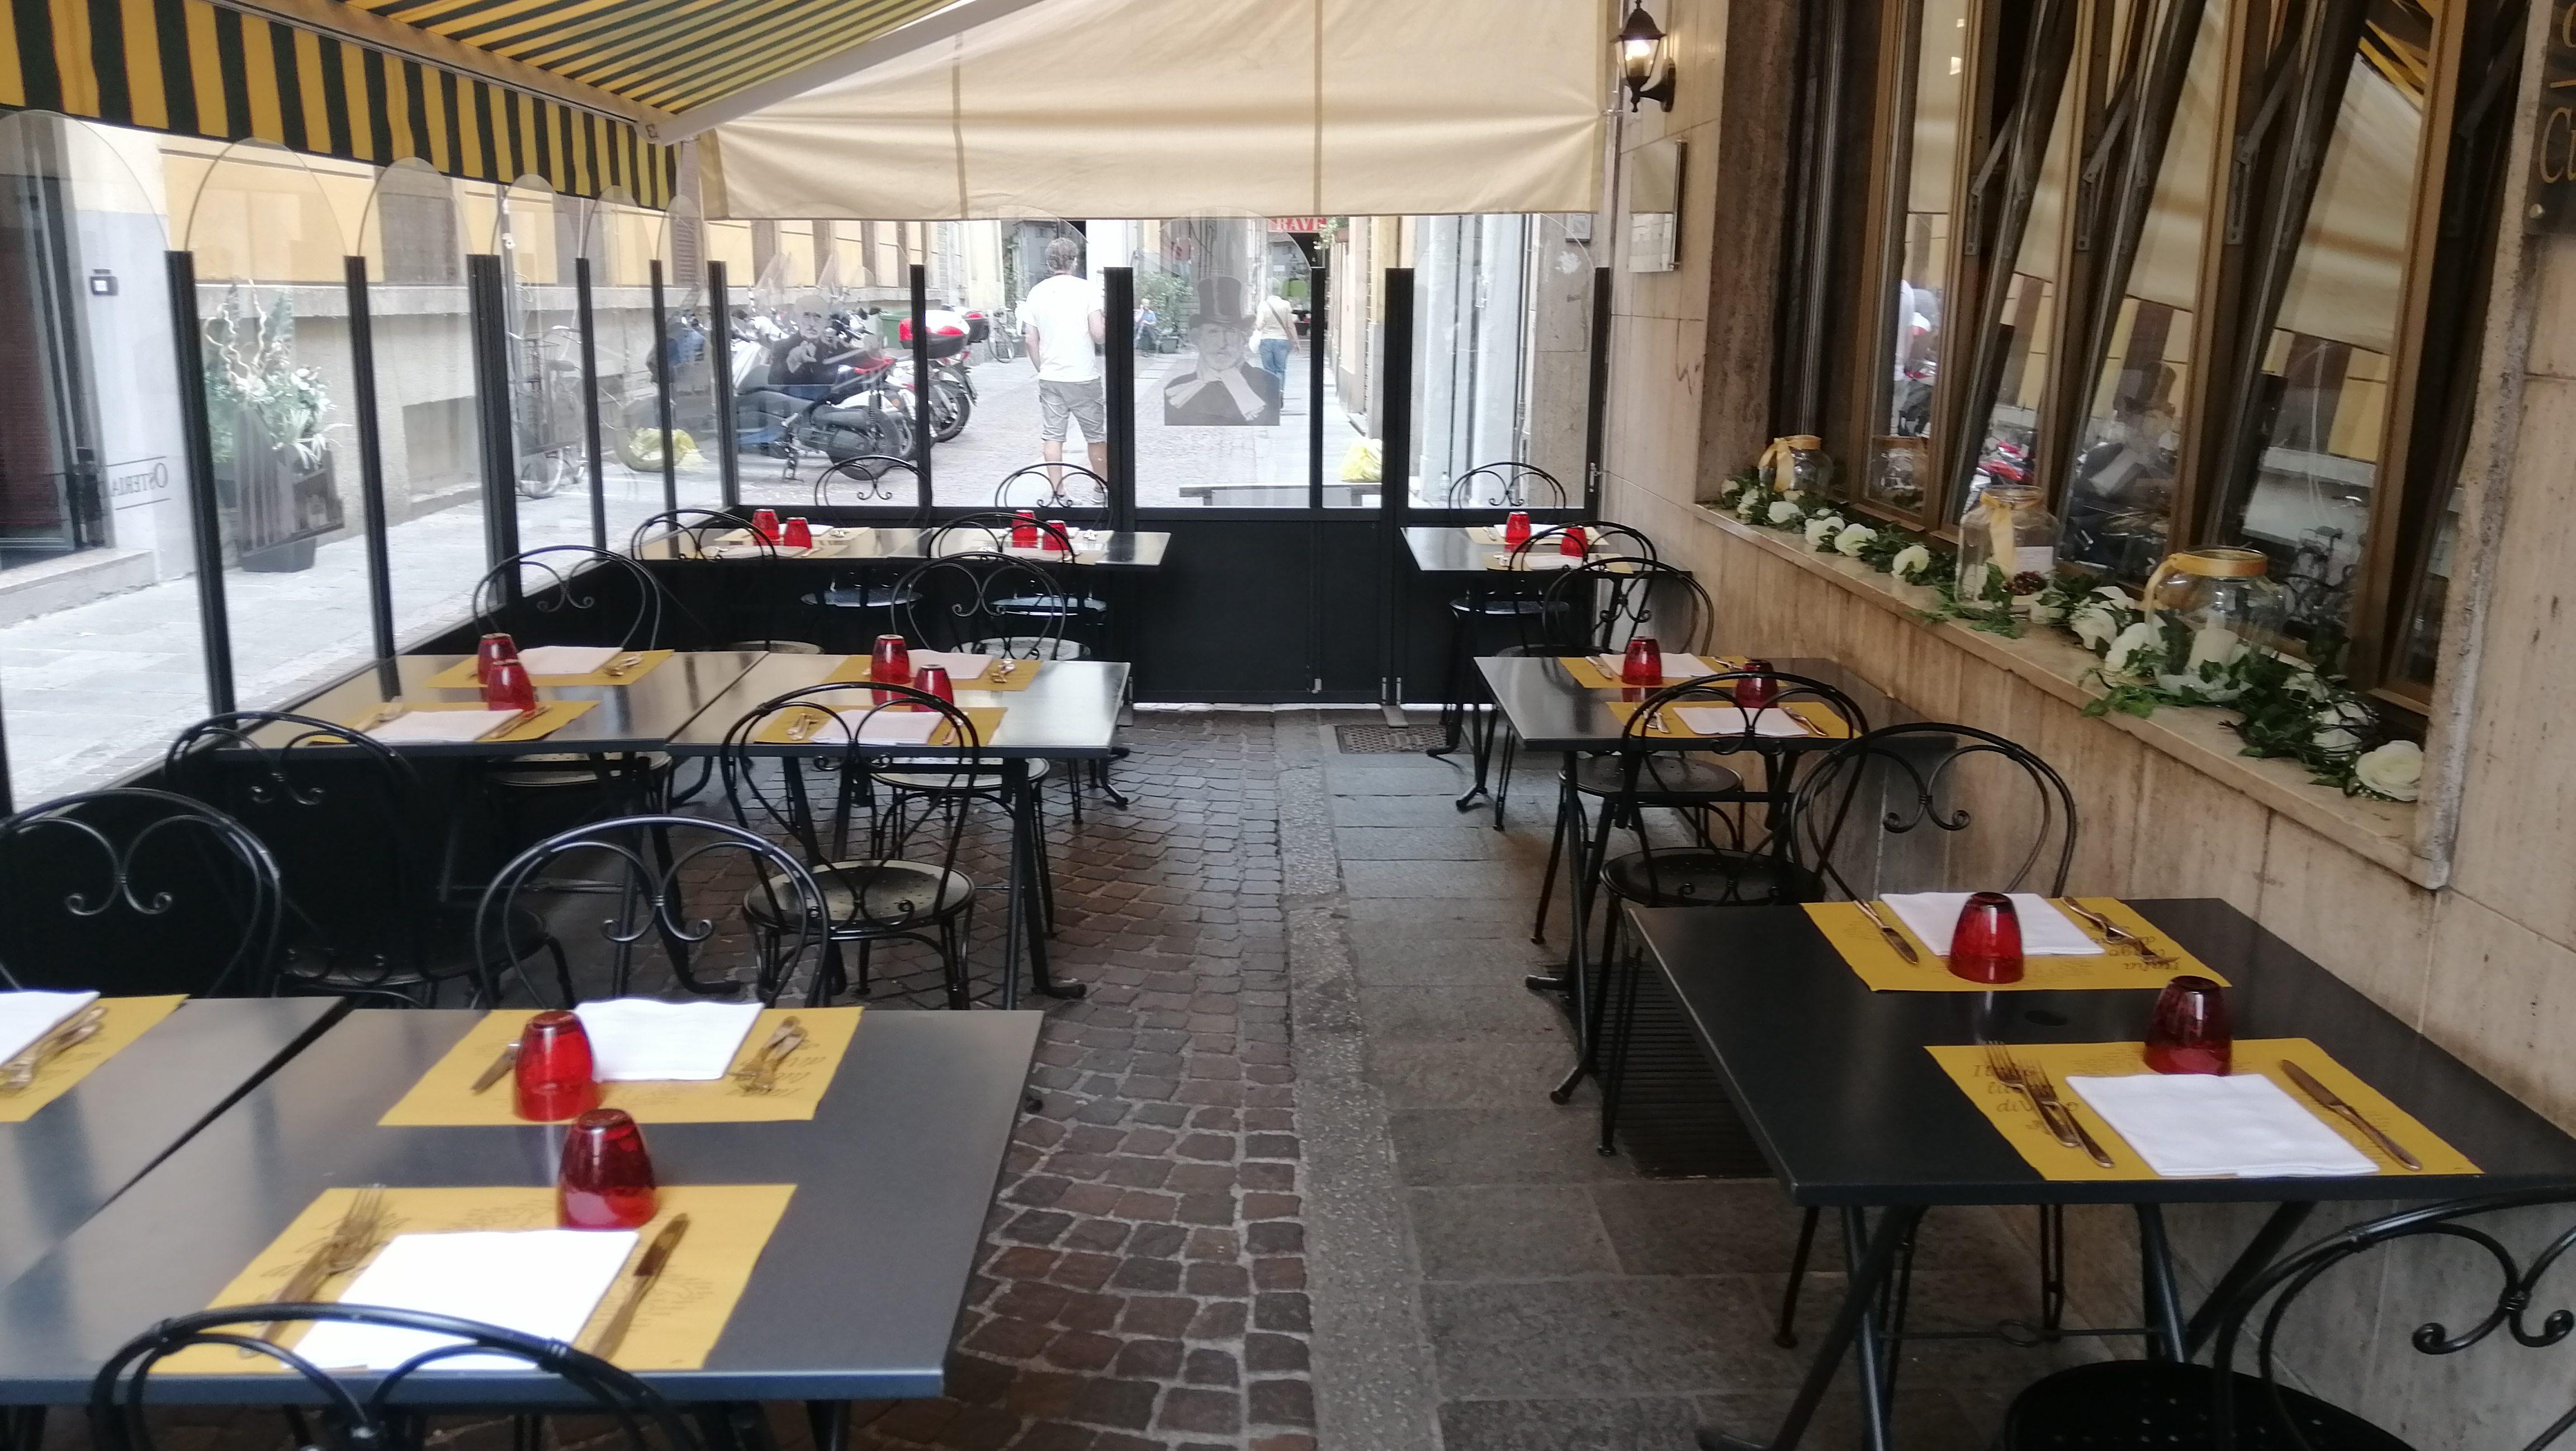 Dove mangiare all'aperto a Parma? Osteria della Ghiaia: Centro Storico e Piatti Tipici